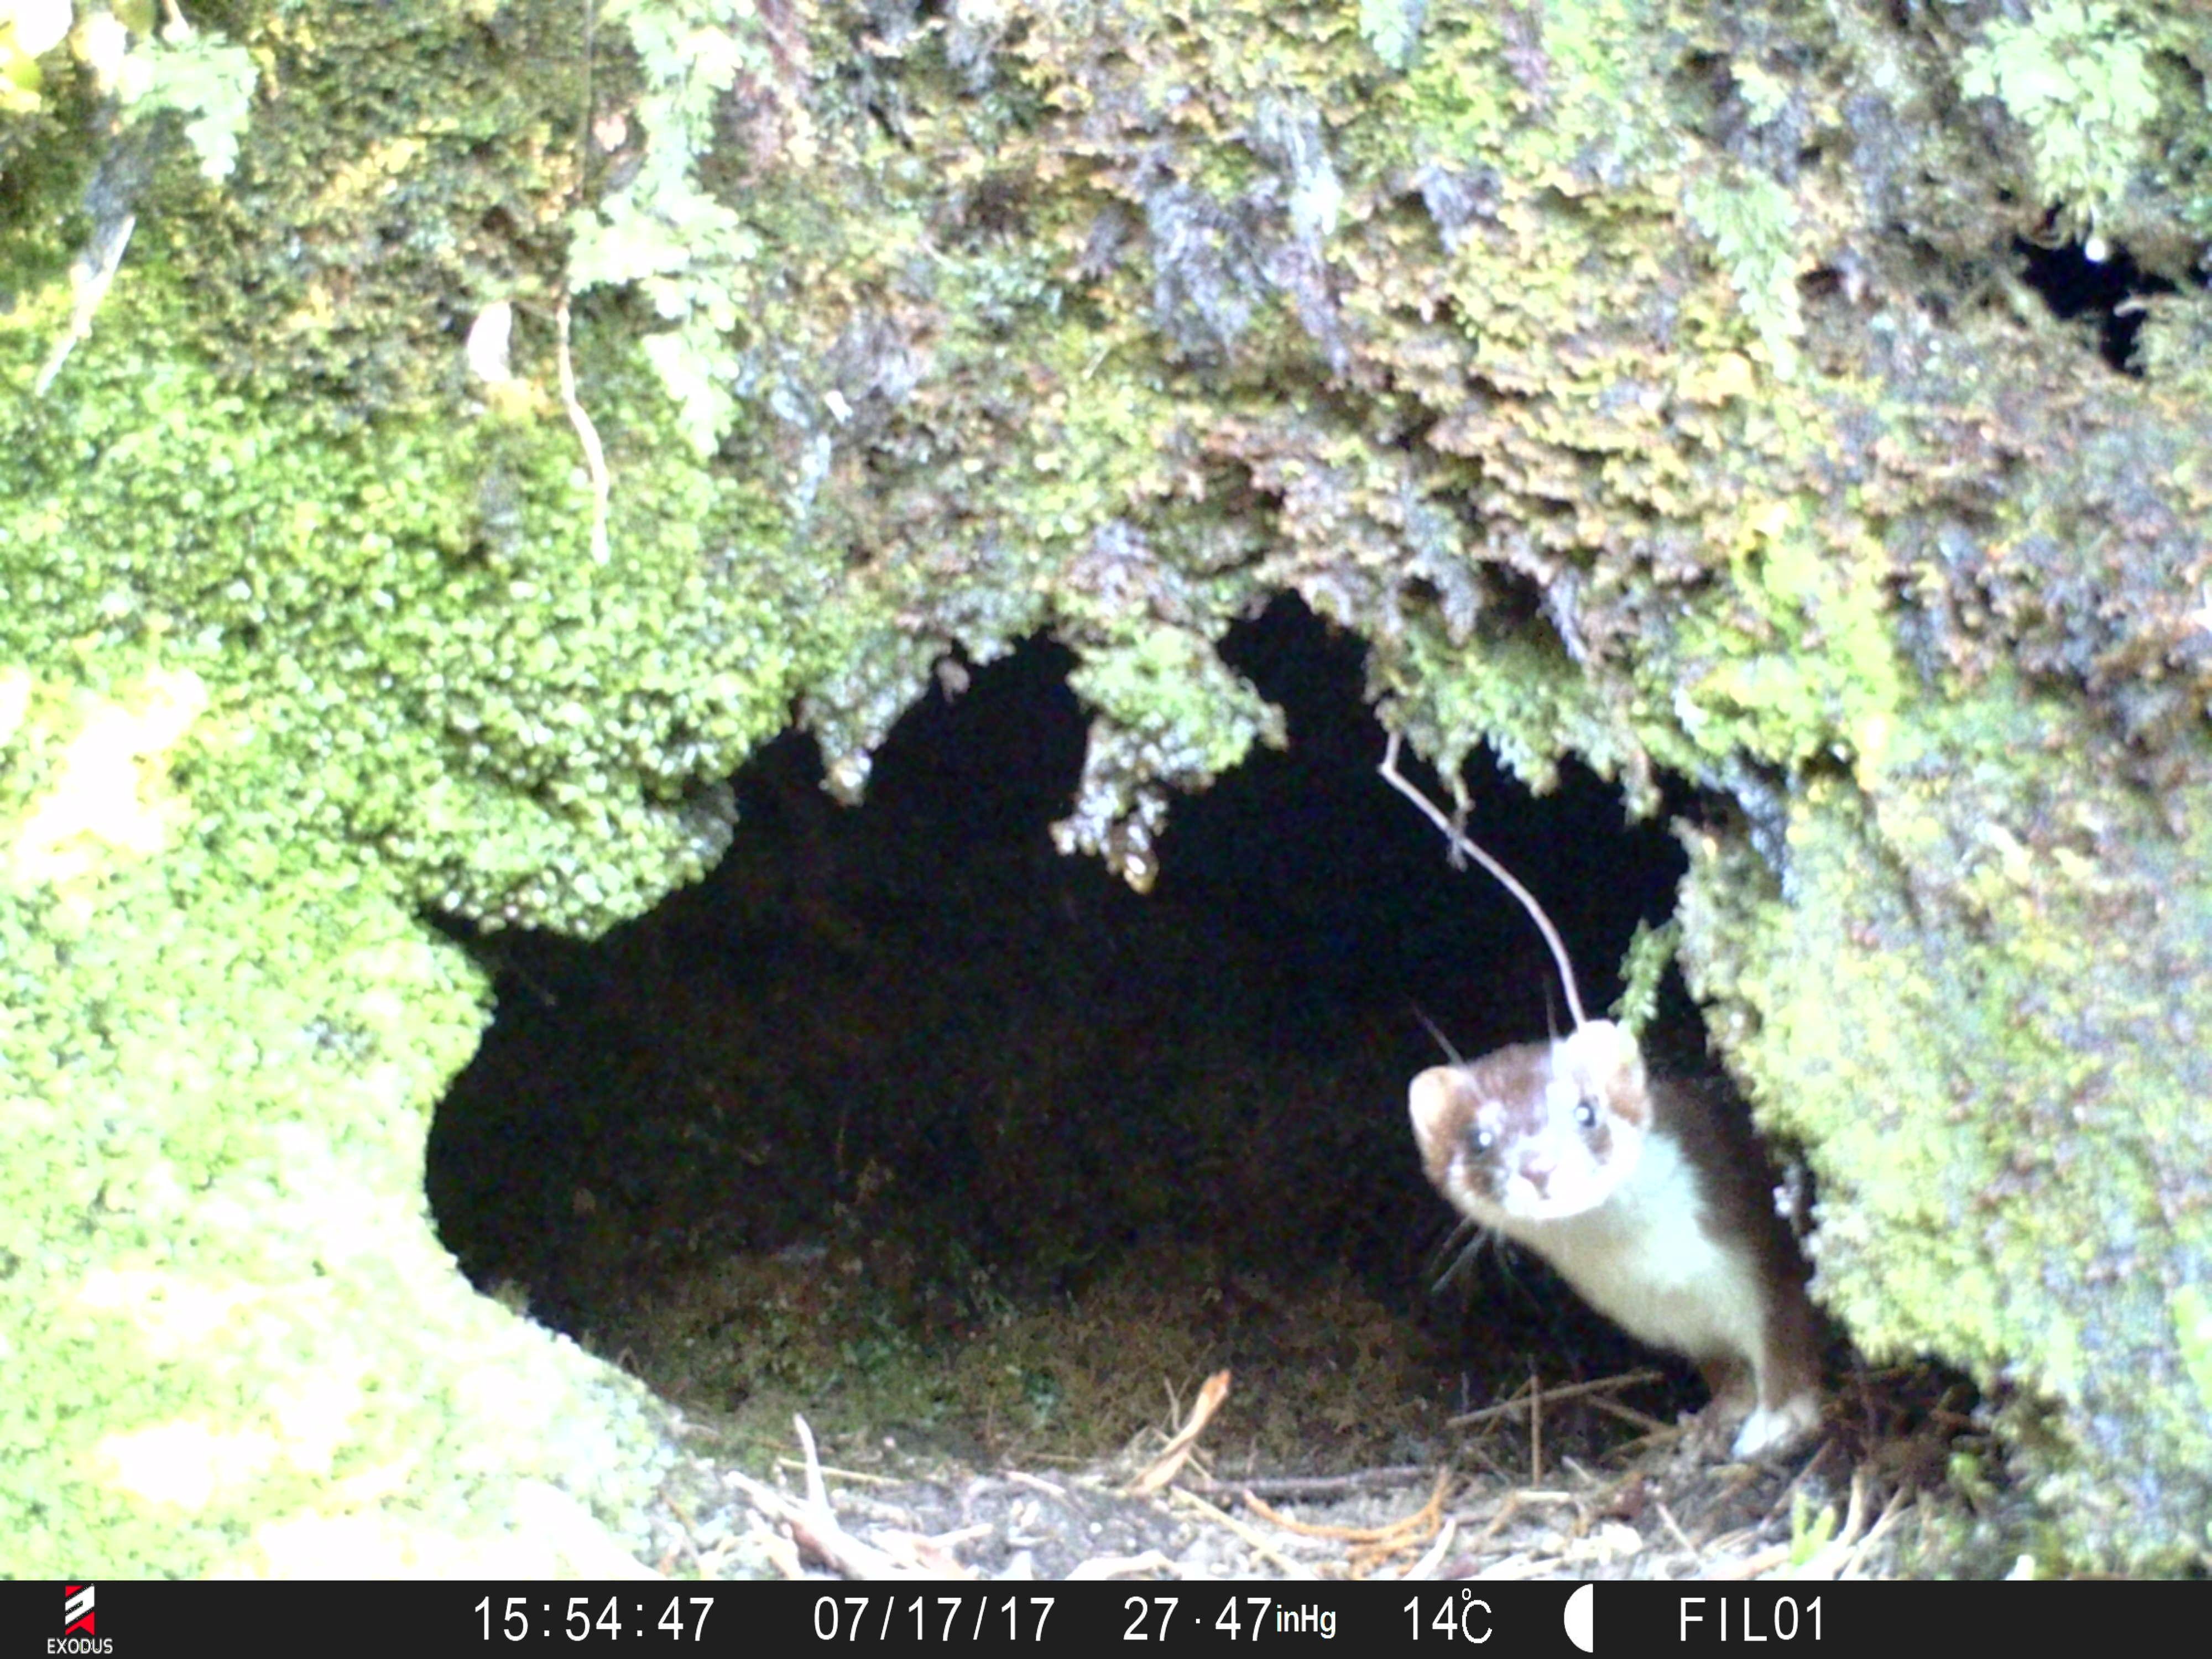 Fiordland kiwi diaries: The perils of nesting